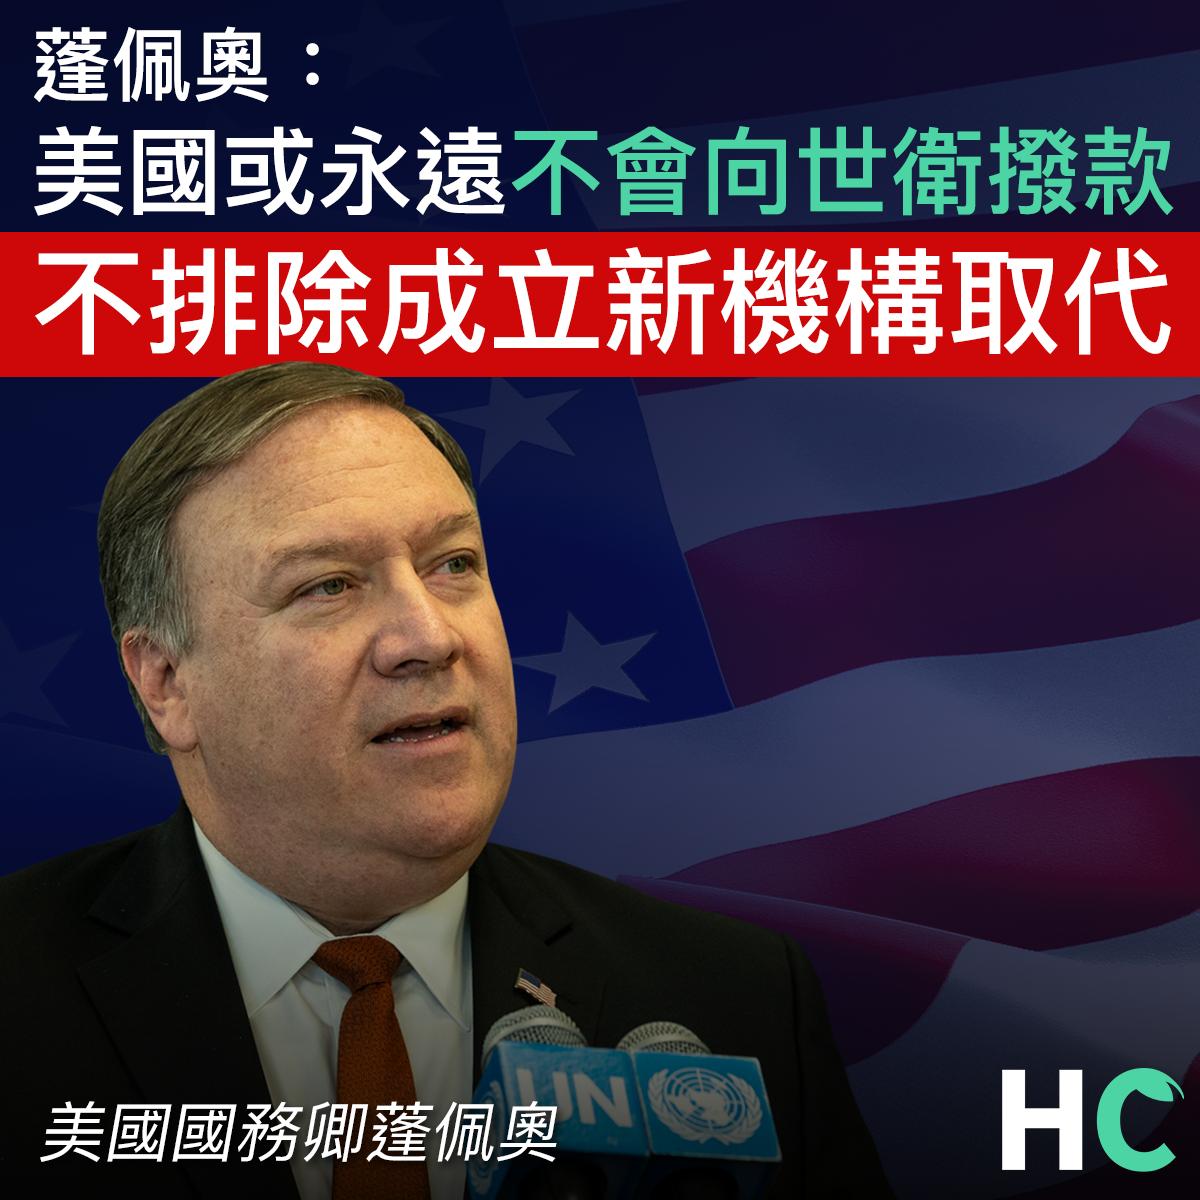 【#武漢肺炎】蓬佩奧:美國或永遠不會向世衛撥款 不排除成立新機構取代